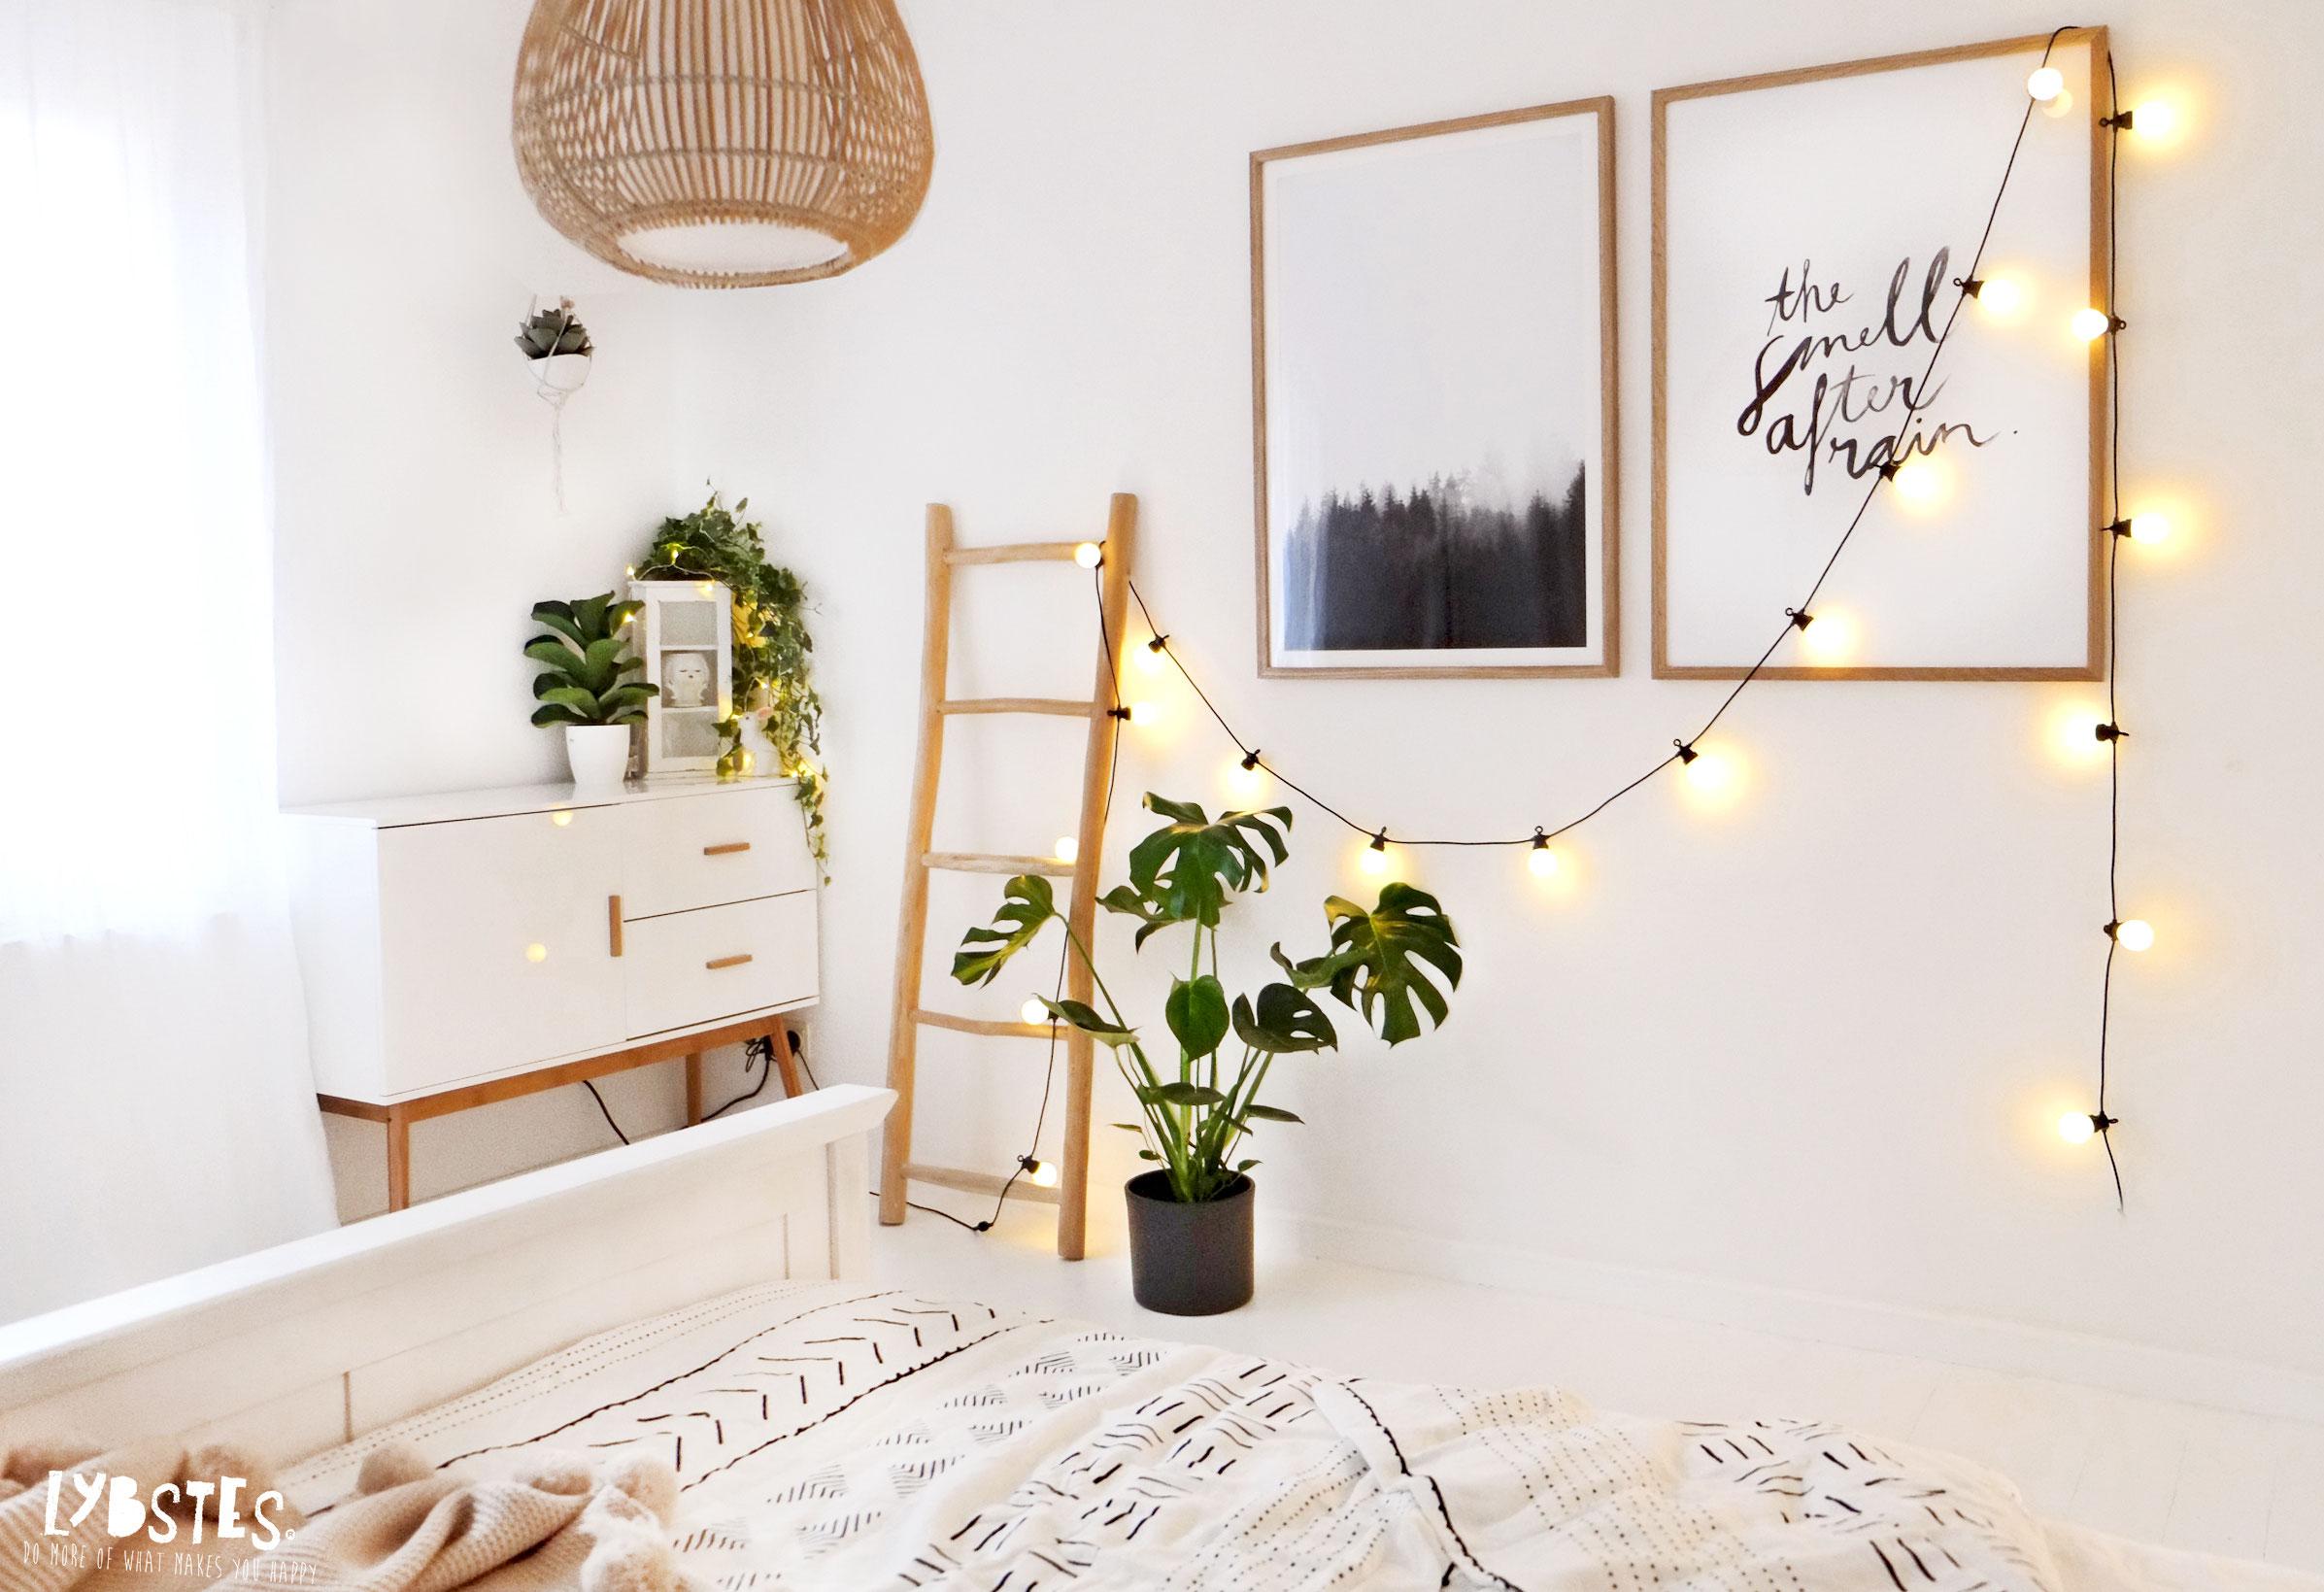 unser haus das g stezimmer ist fertig lybstes. Black Bedroom Furniture Sets. Home Design Ideas